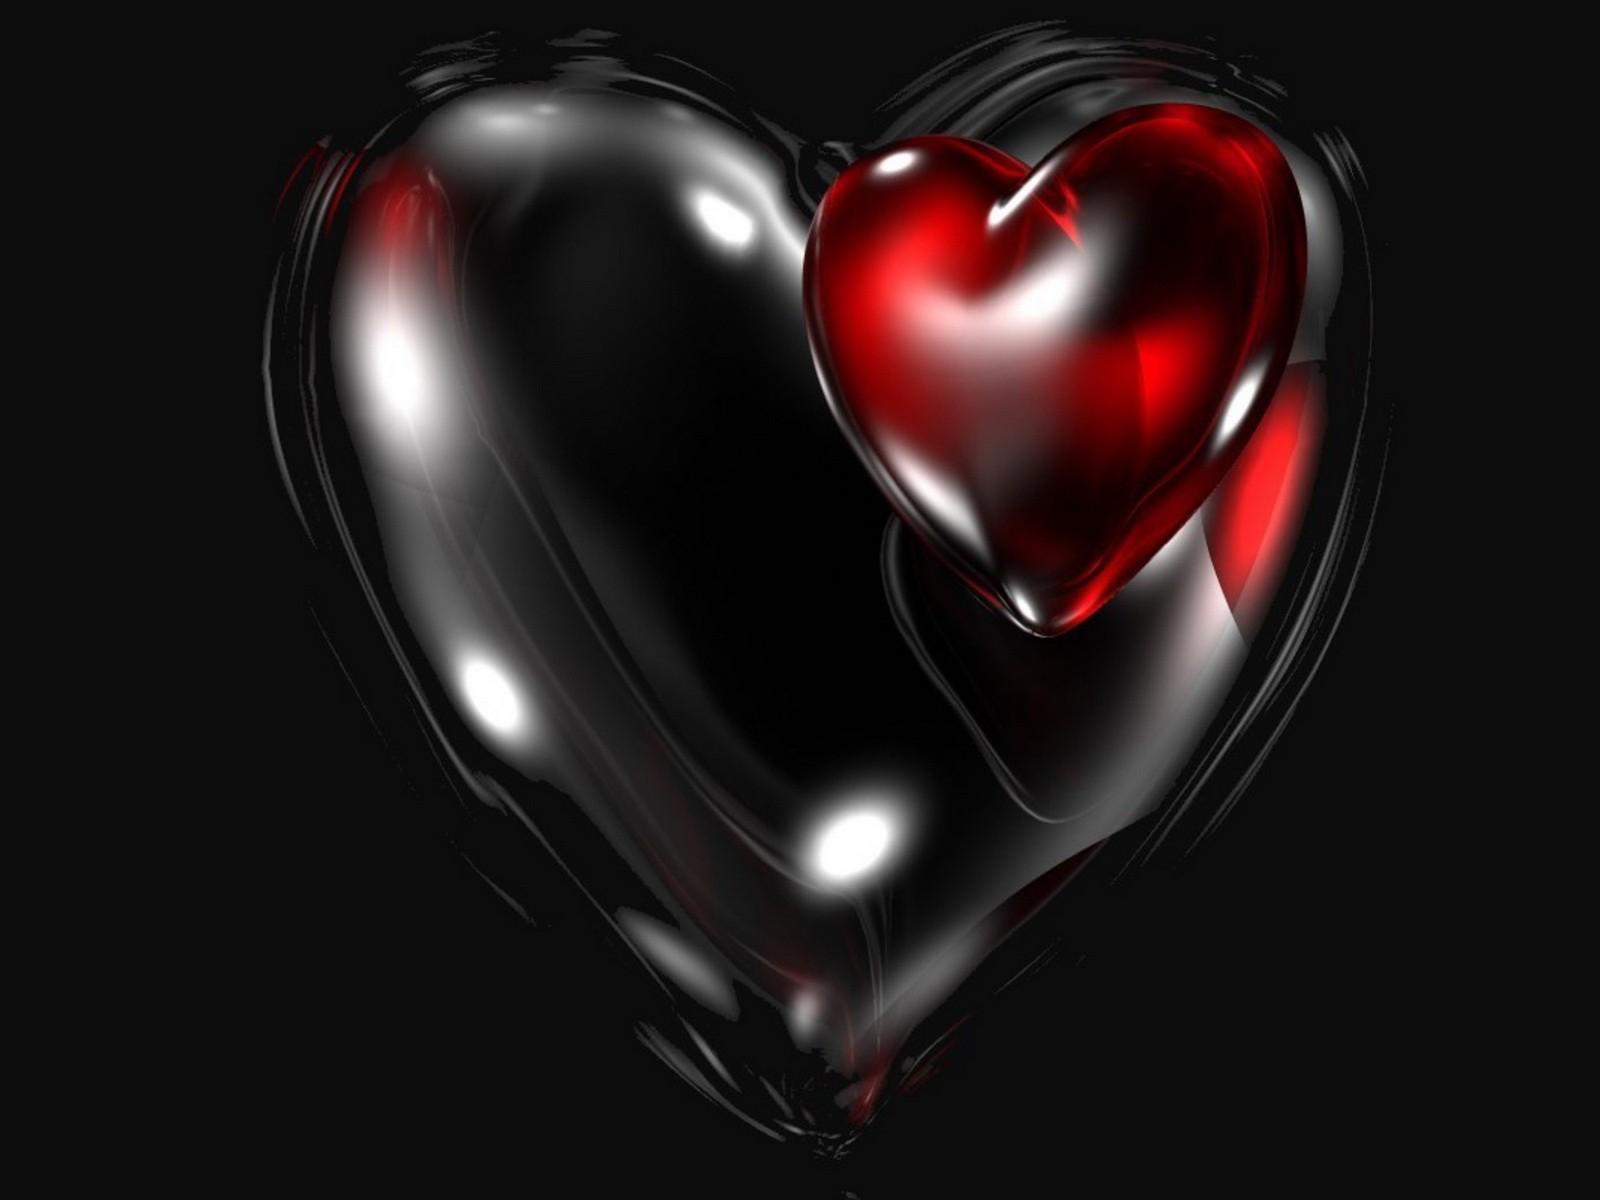 Best Love Romantic Hd Wallpapers 3d Heart Wallpaper 3d